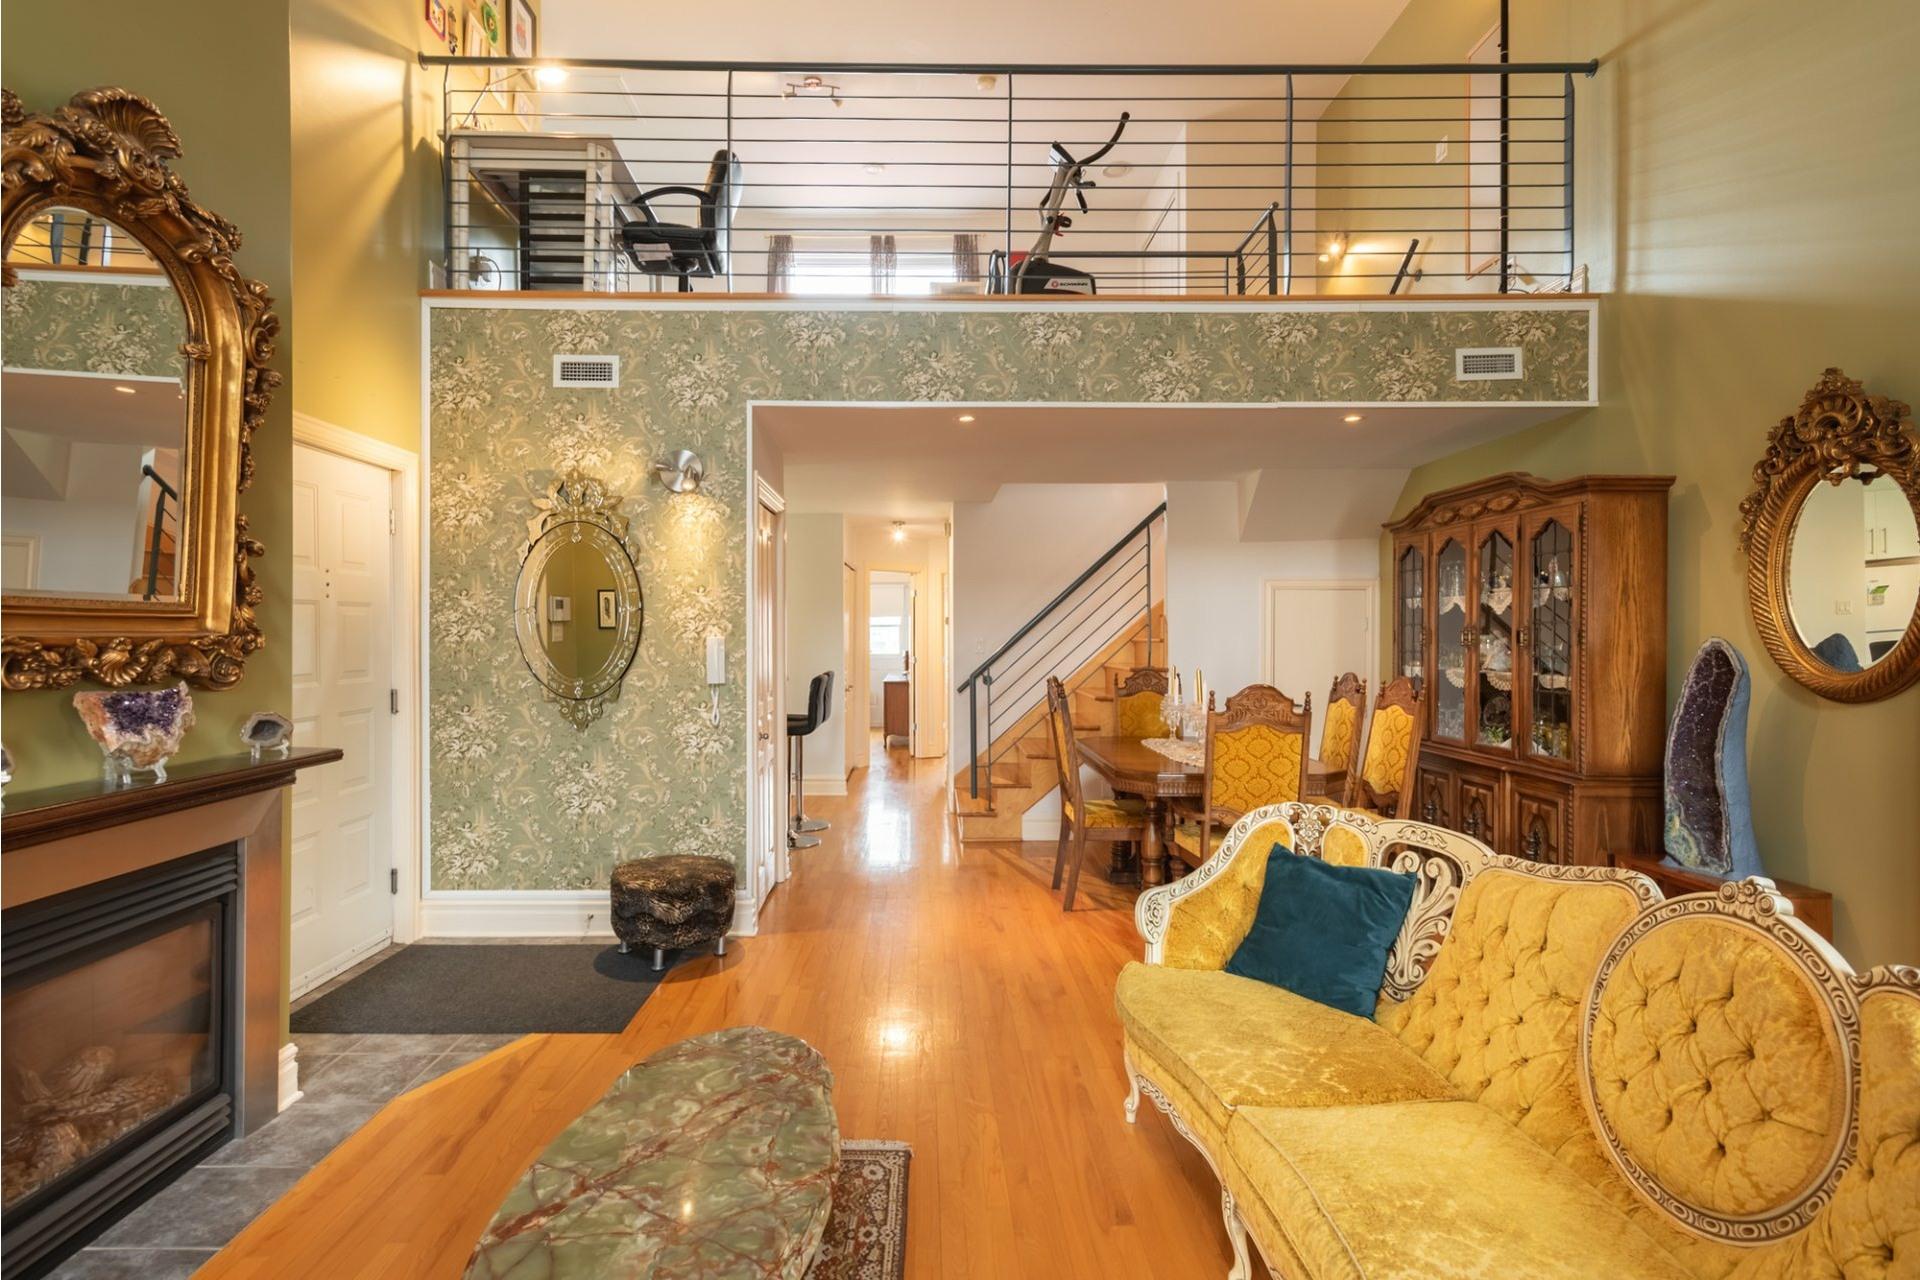 image 4 - Apartment For sale Le Plateau-Mont-Royal Montréal  - 7 rooms